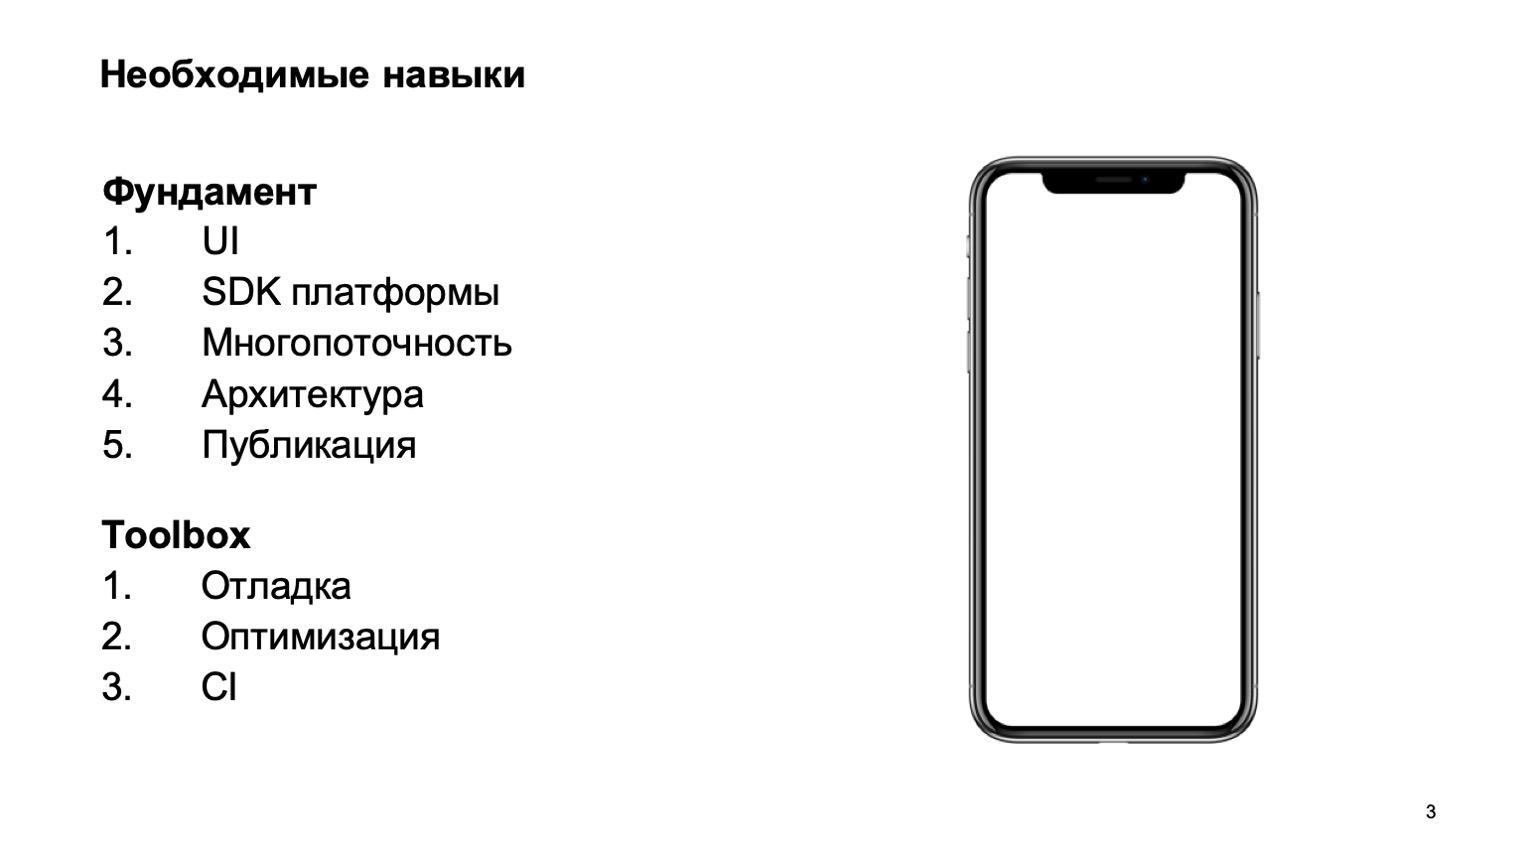 Какие навыки нужны для создания iOS-приложения? Доклад Яндекса - 5